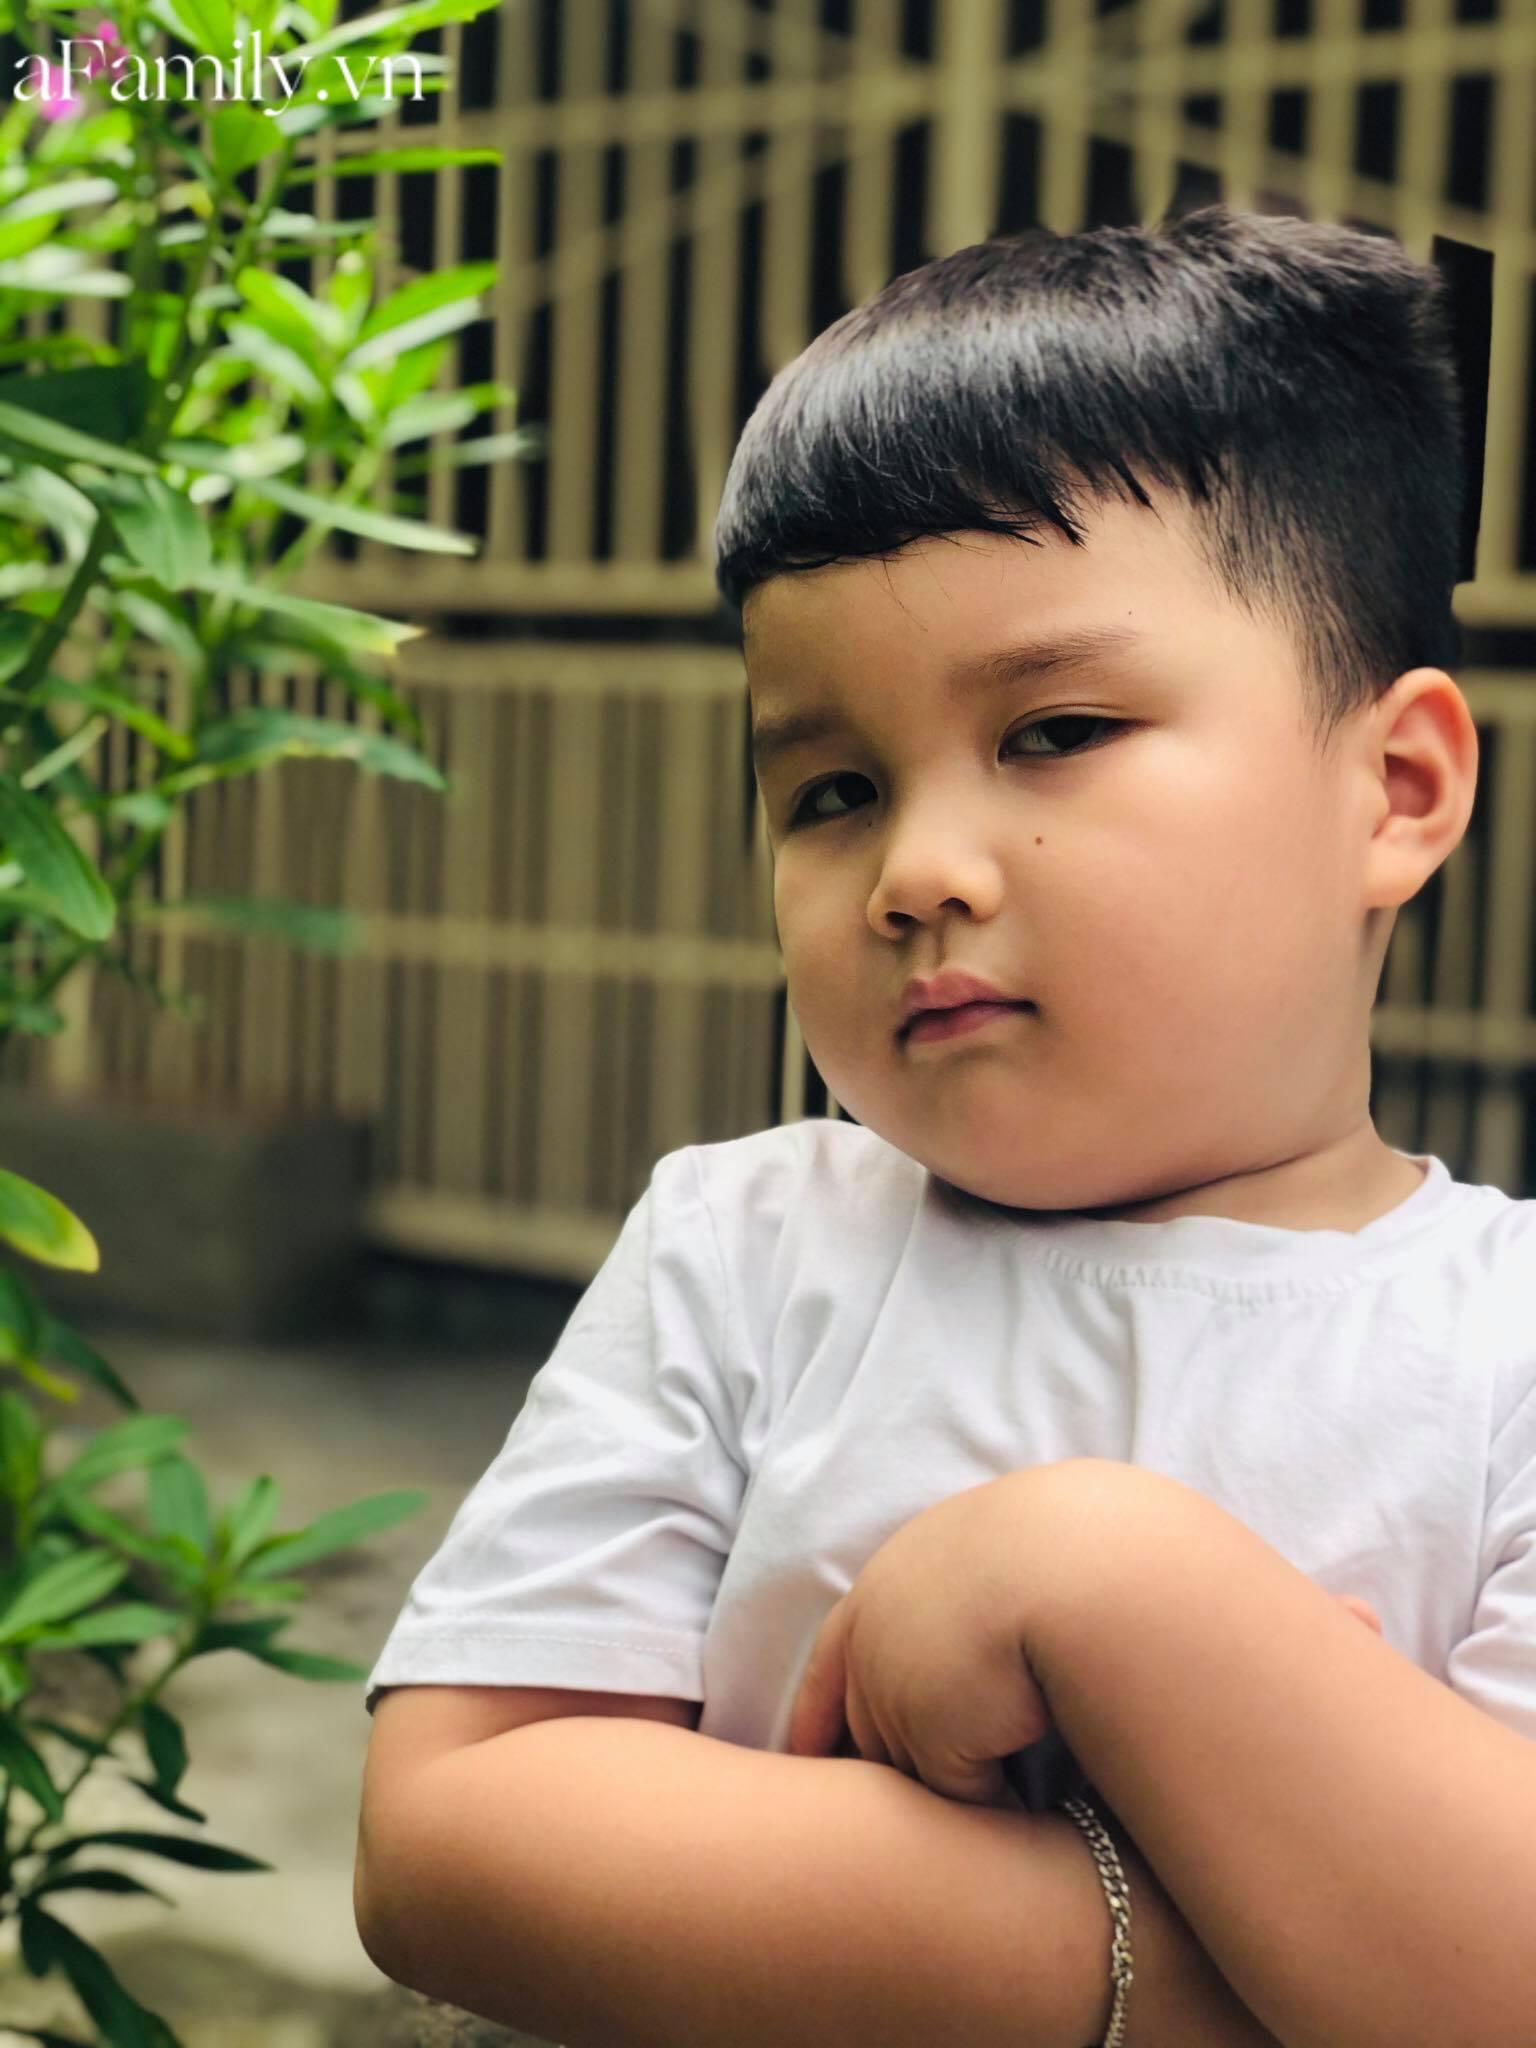 Nhật Minh điển trai 4 tuổi, nặng 24kg và cao 105cm.